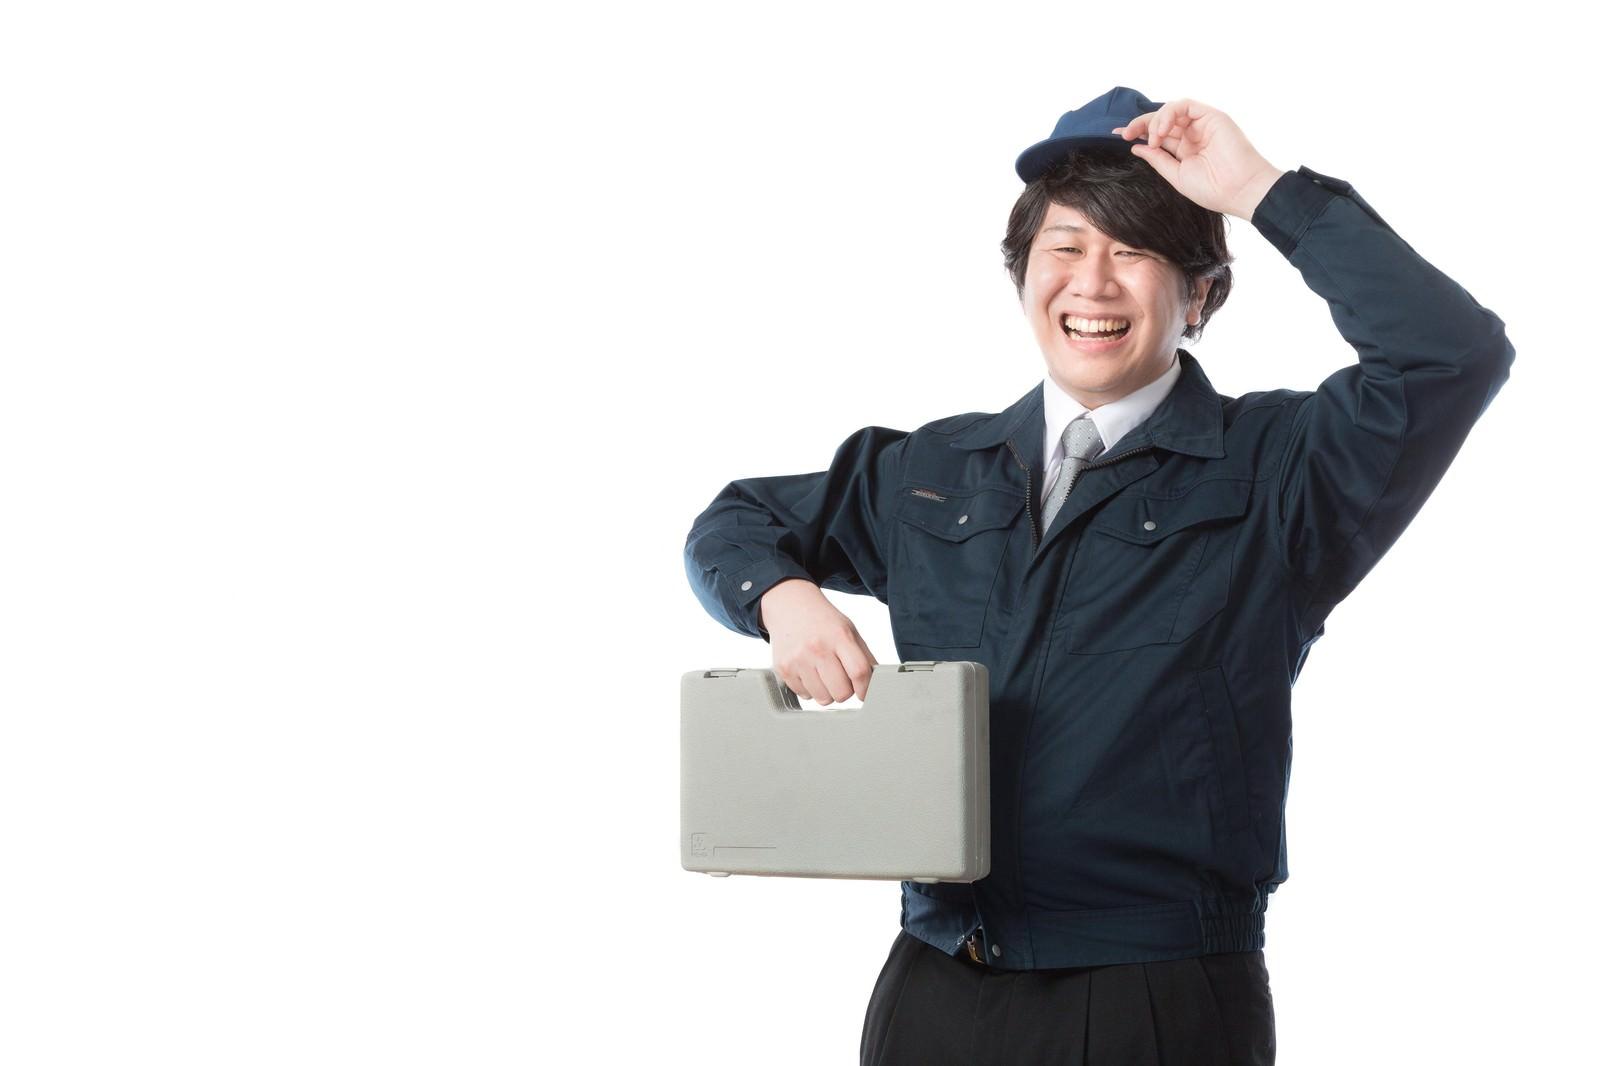 「オフィス機器のトラブルを解決するサービスエンジニア」の写真[モデル:朽木誠一郎]